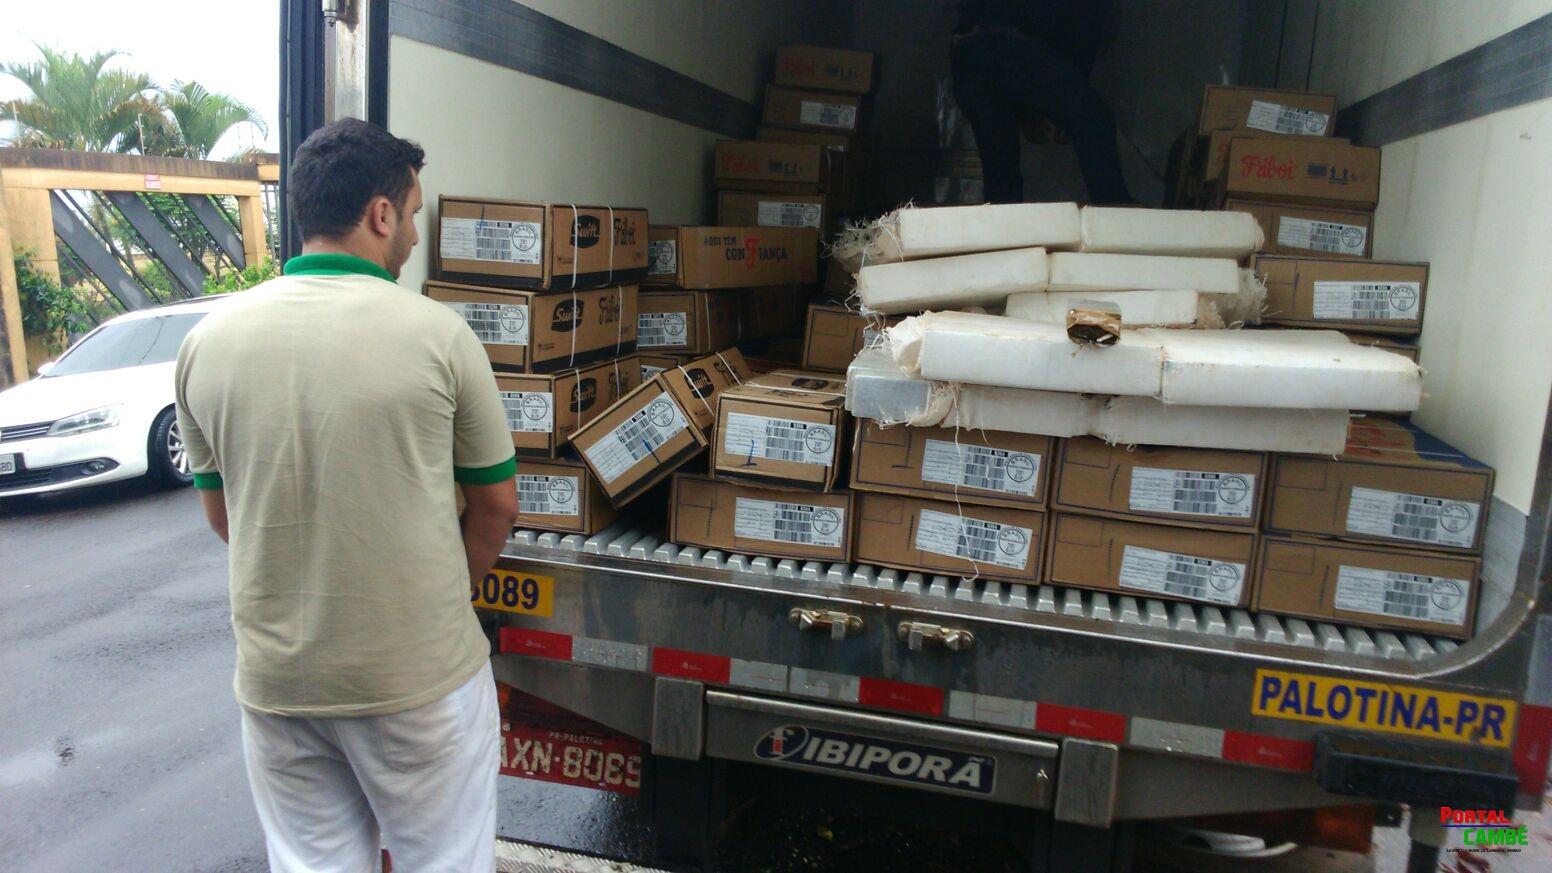 Caminhão da Friboi vindo de Palotina é interceptado em Londrina com maconha avaliada em R$ 232 mil